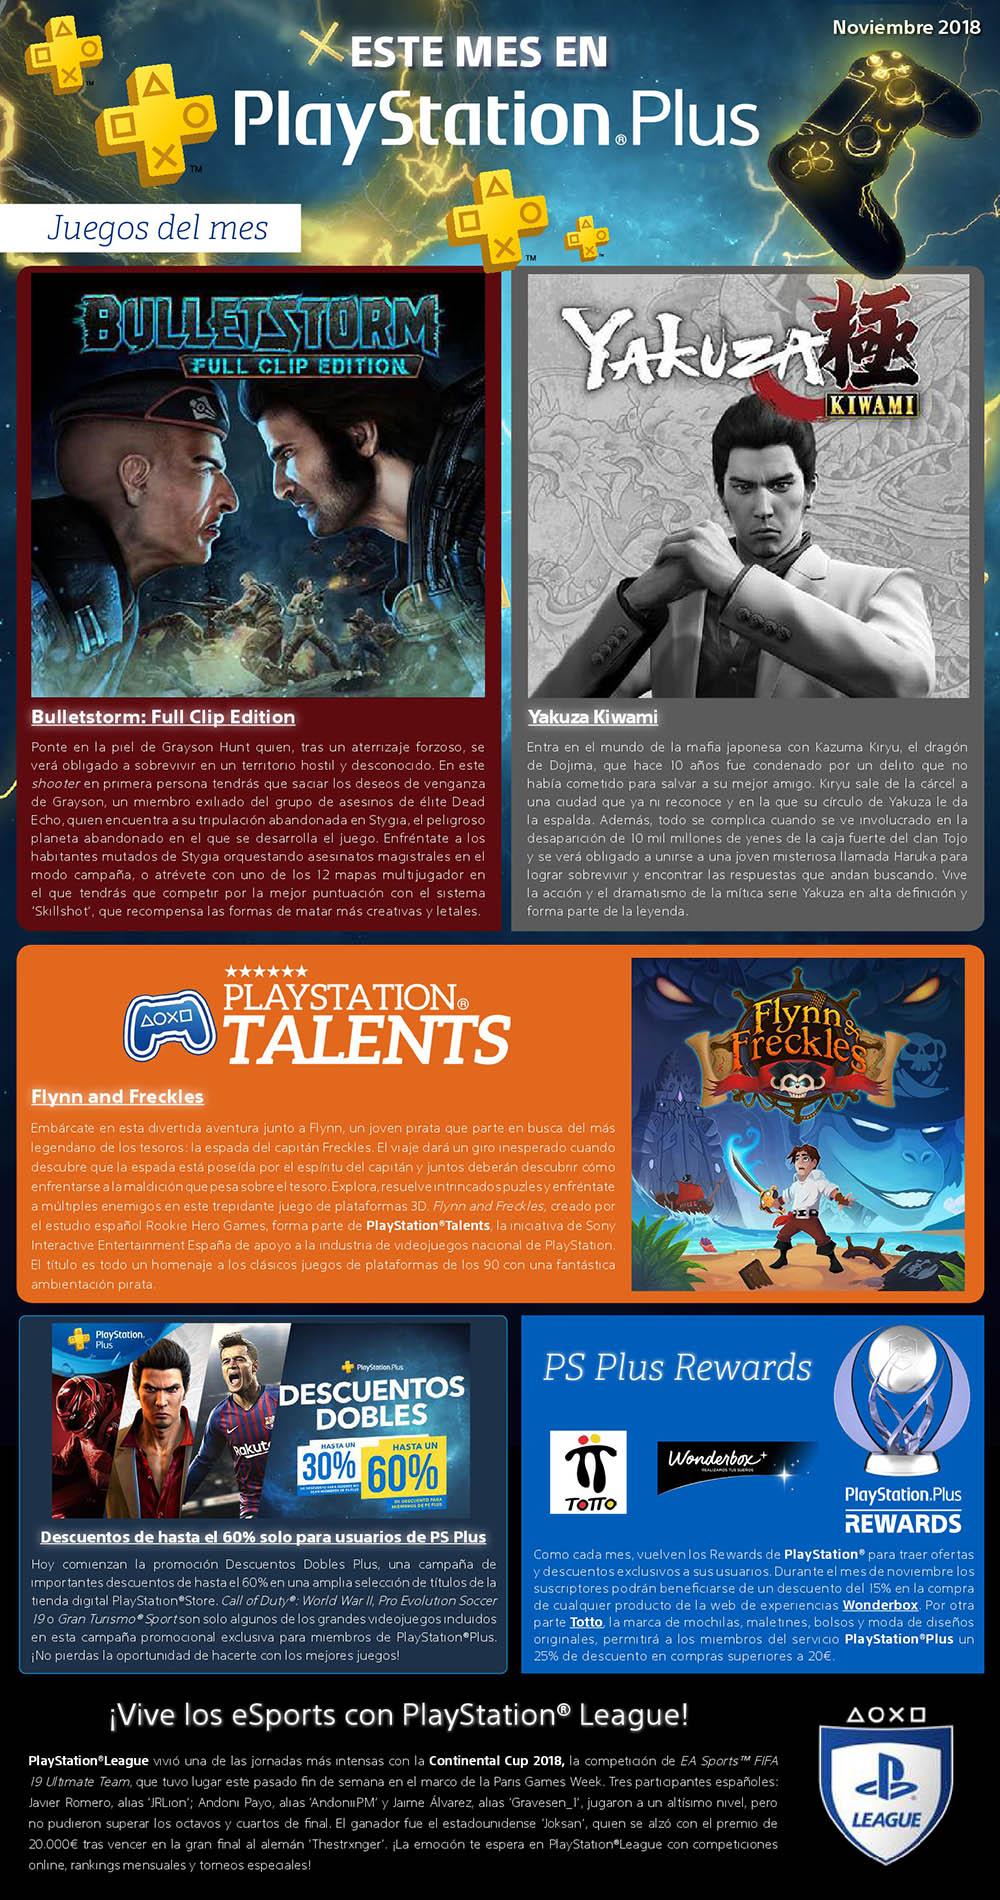 Juegos Gratis Playstation Plus Noviembre 2018